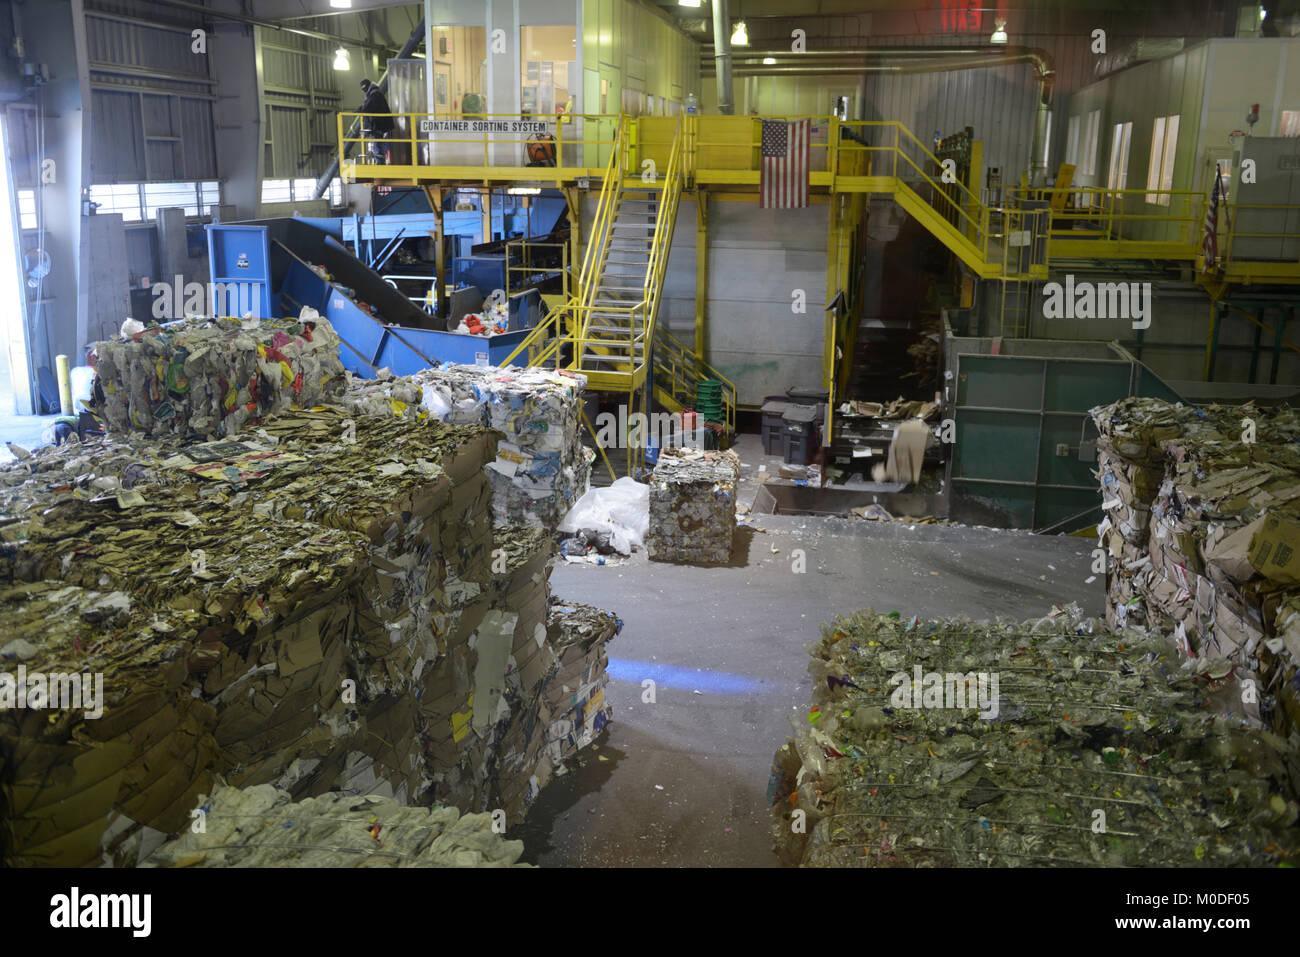 Recycling transfer facility, Rockland County, NY - Stock Image